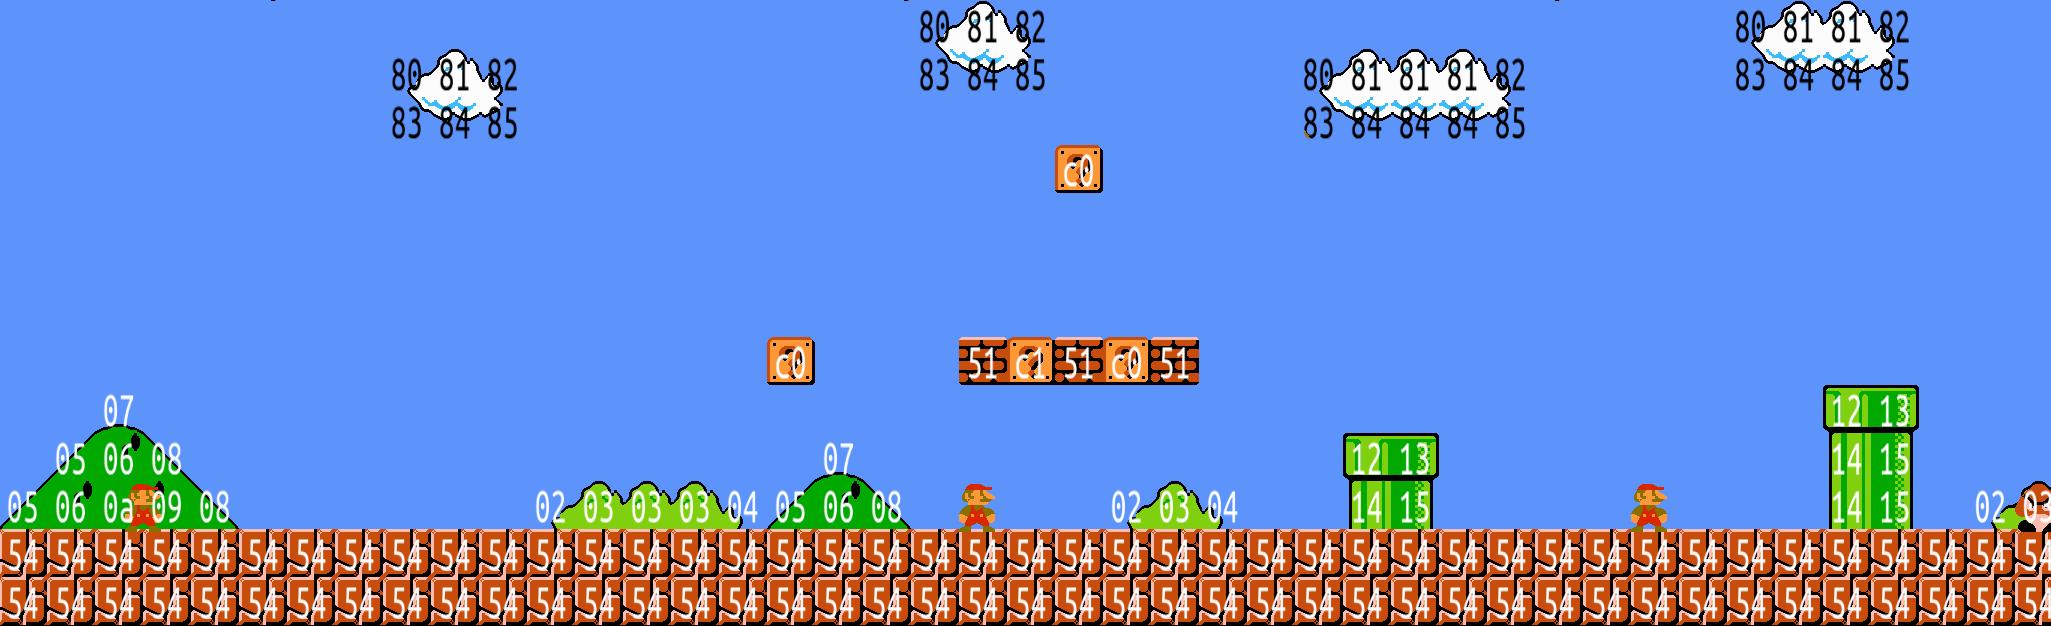 Извлекаем уровни из Super Mario Bros с помощью Python - 1